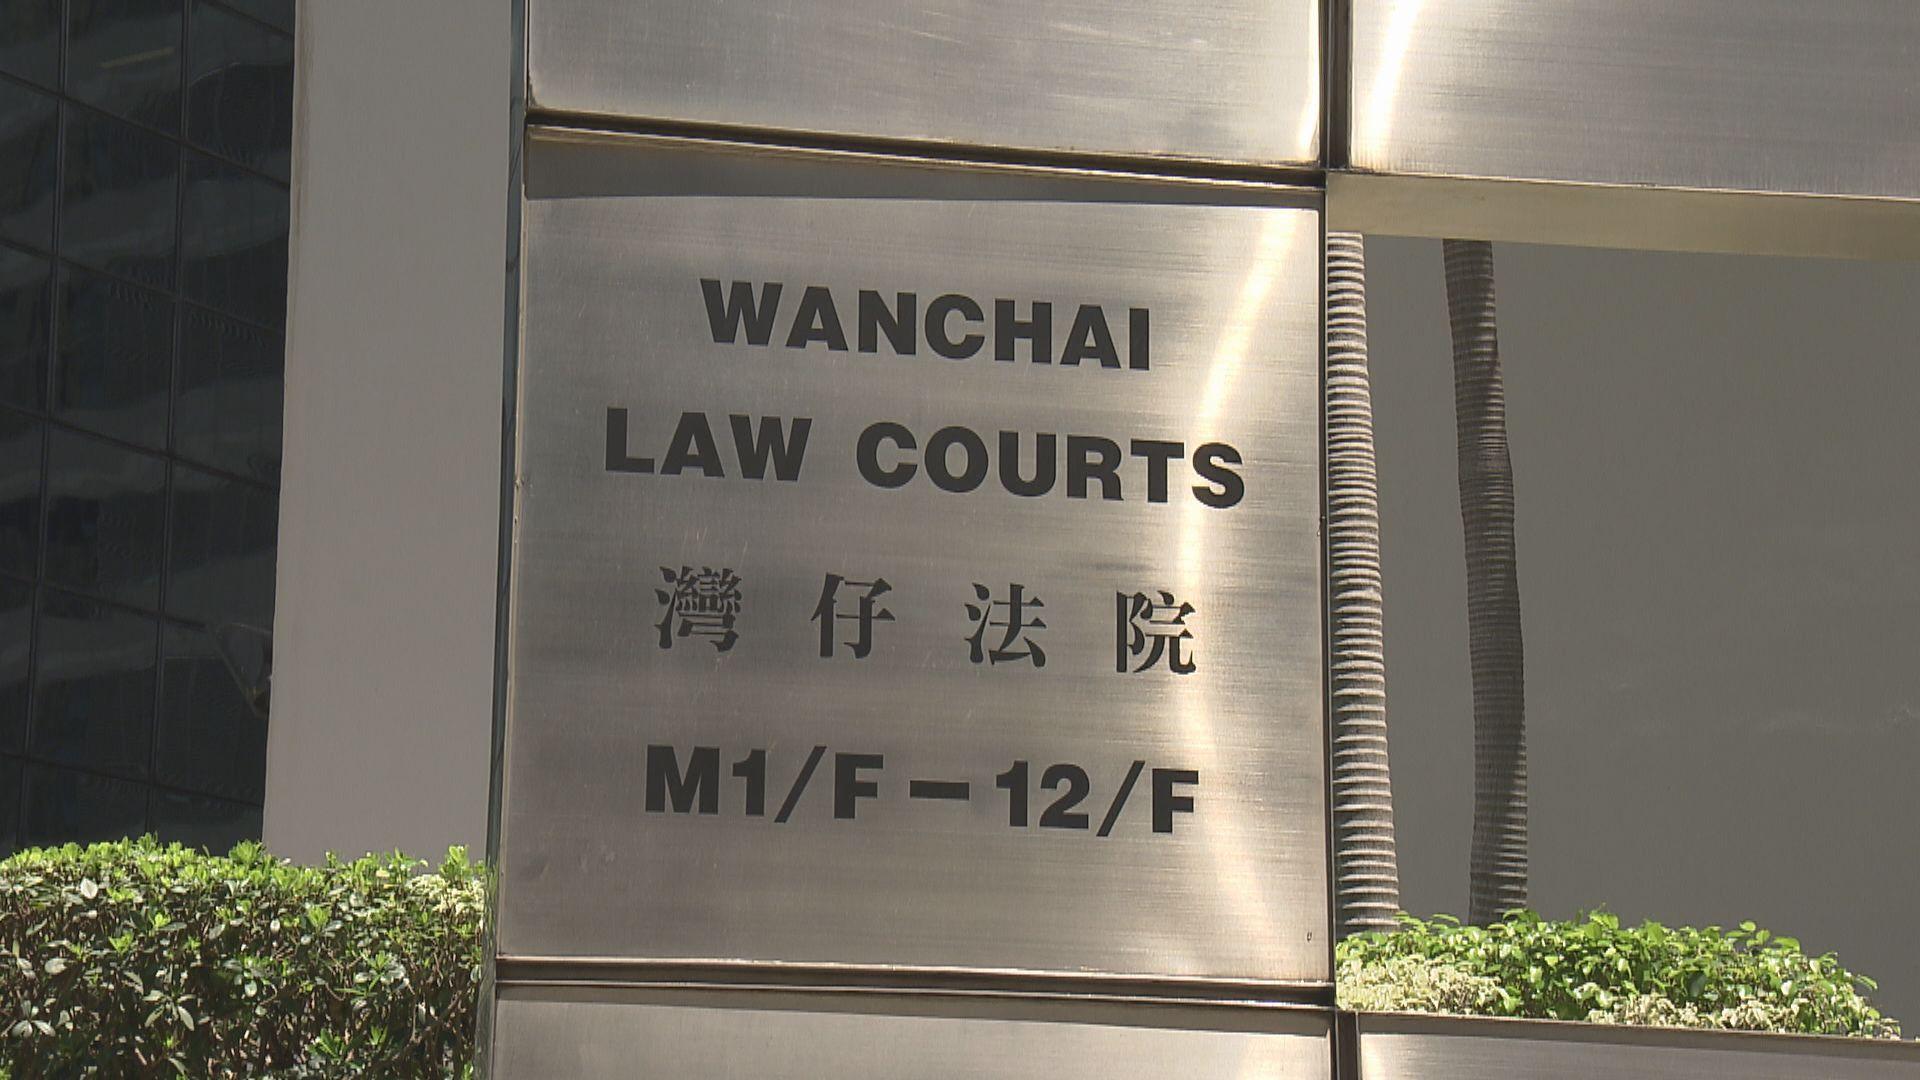 721案六人被控暴動及傷人 控方傳召證人匿名作供